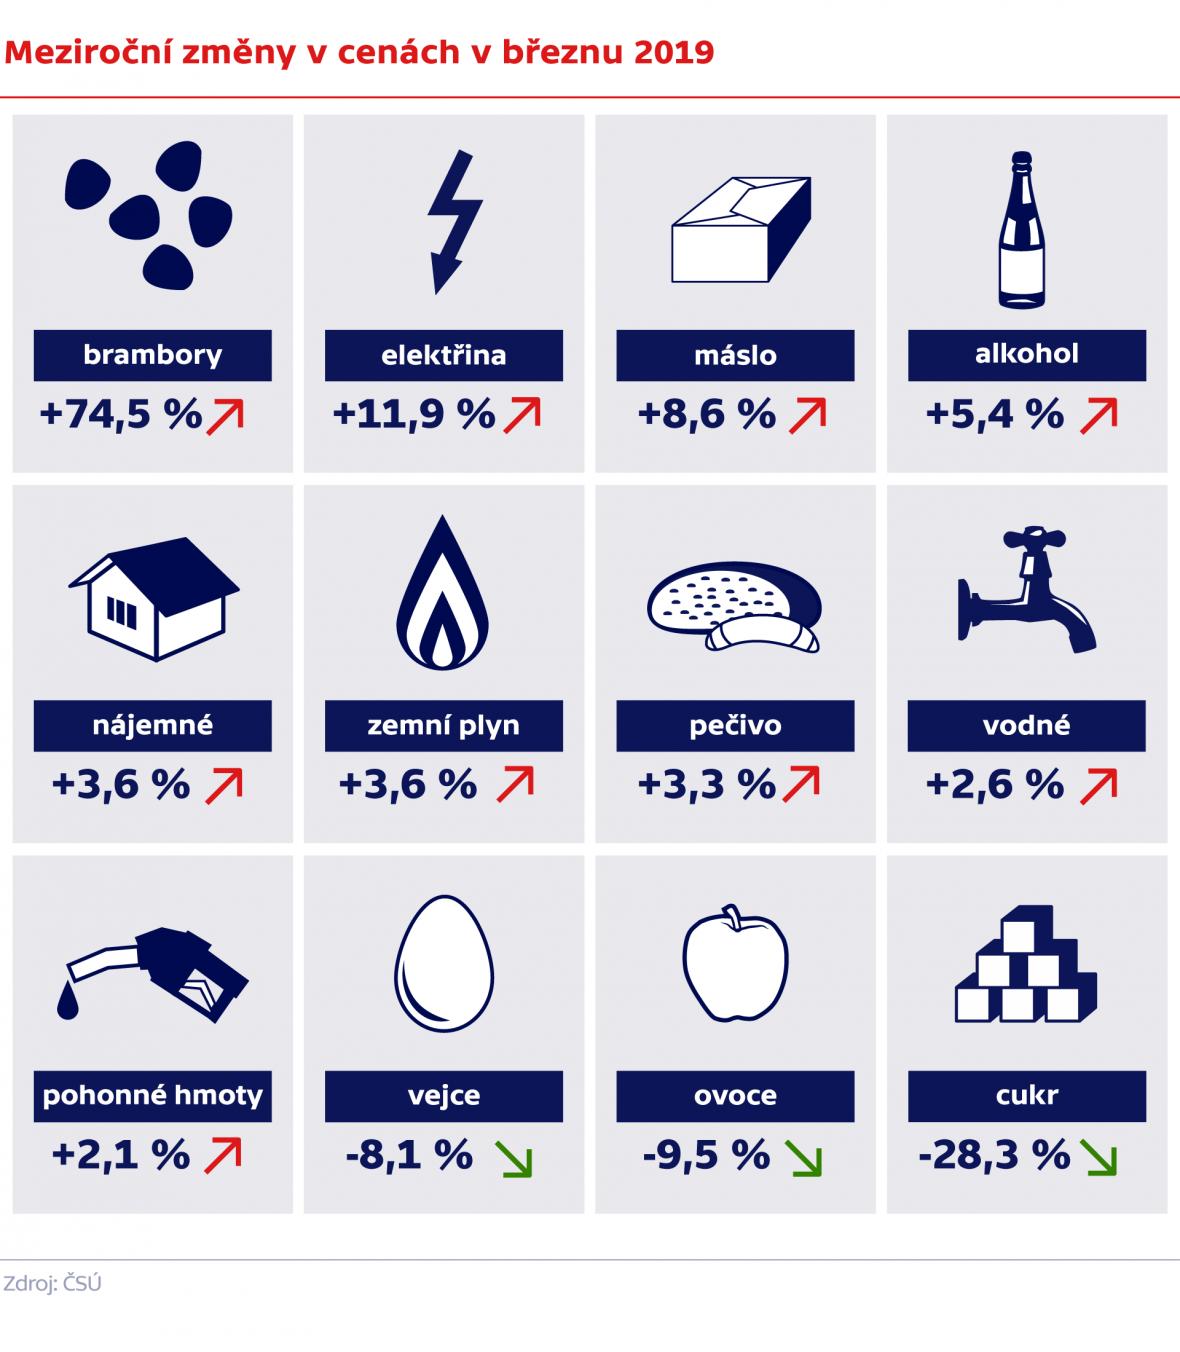 Meziroční změny v cenách v březnu 2019